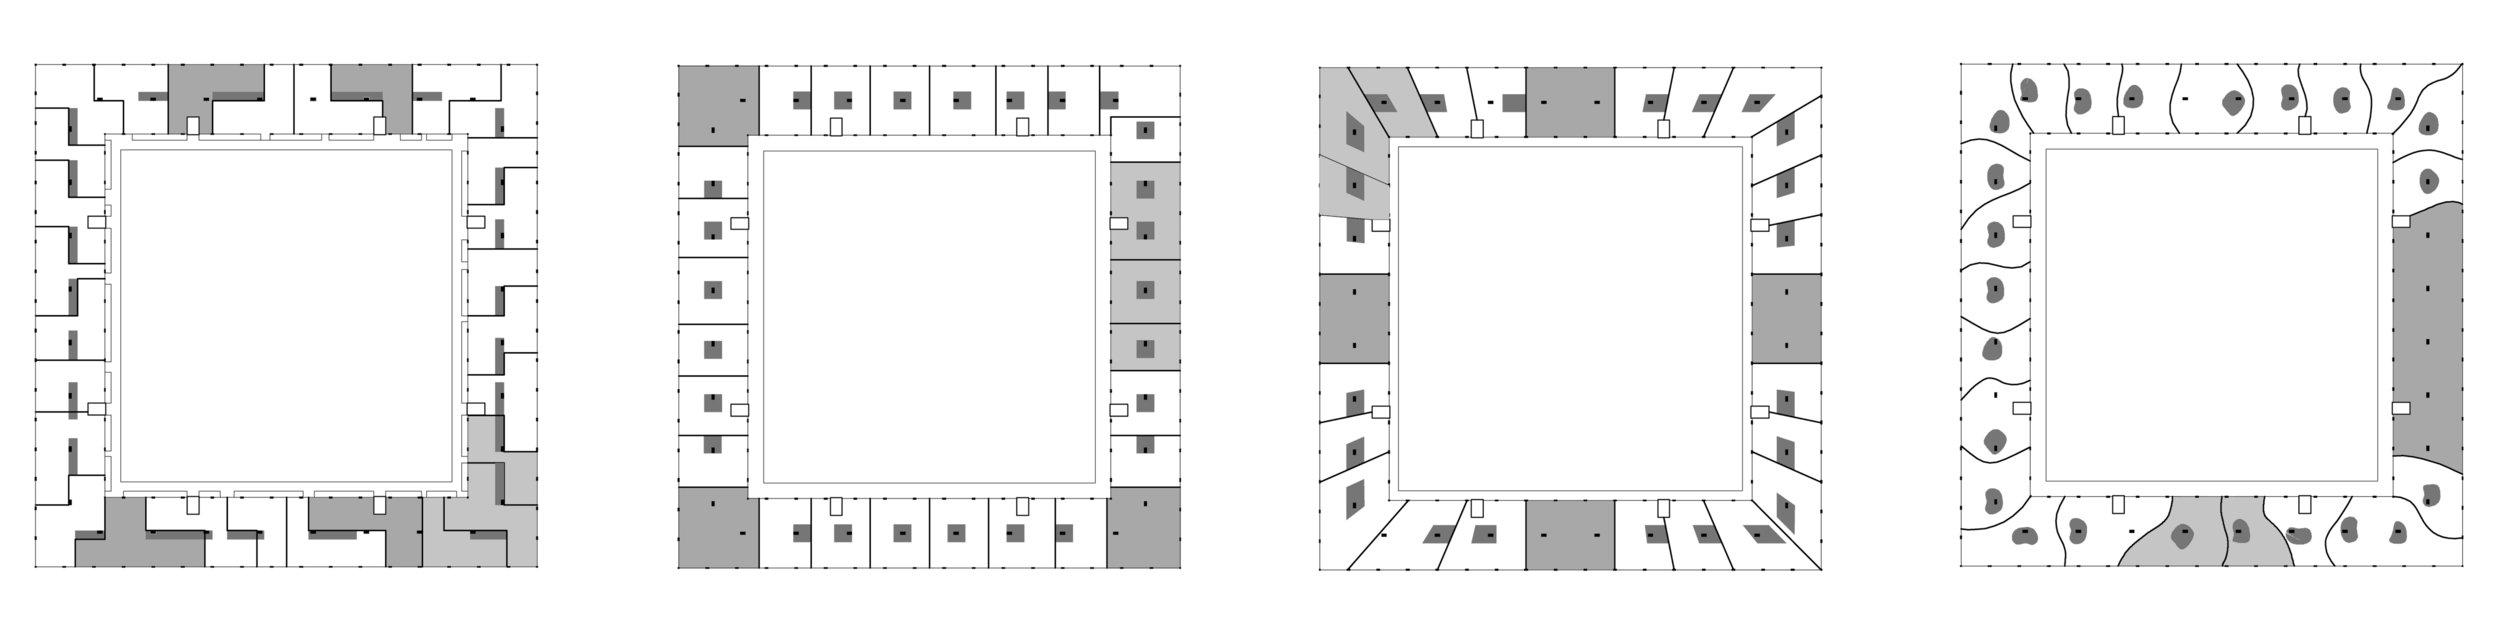 Tipologies Diagram for De Sluishuis :: de Cie., Amsterdam